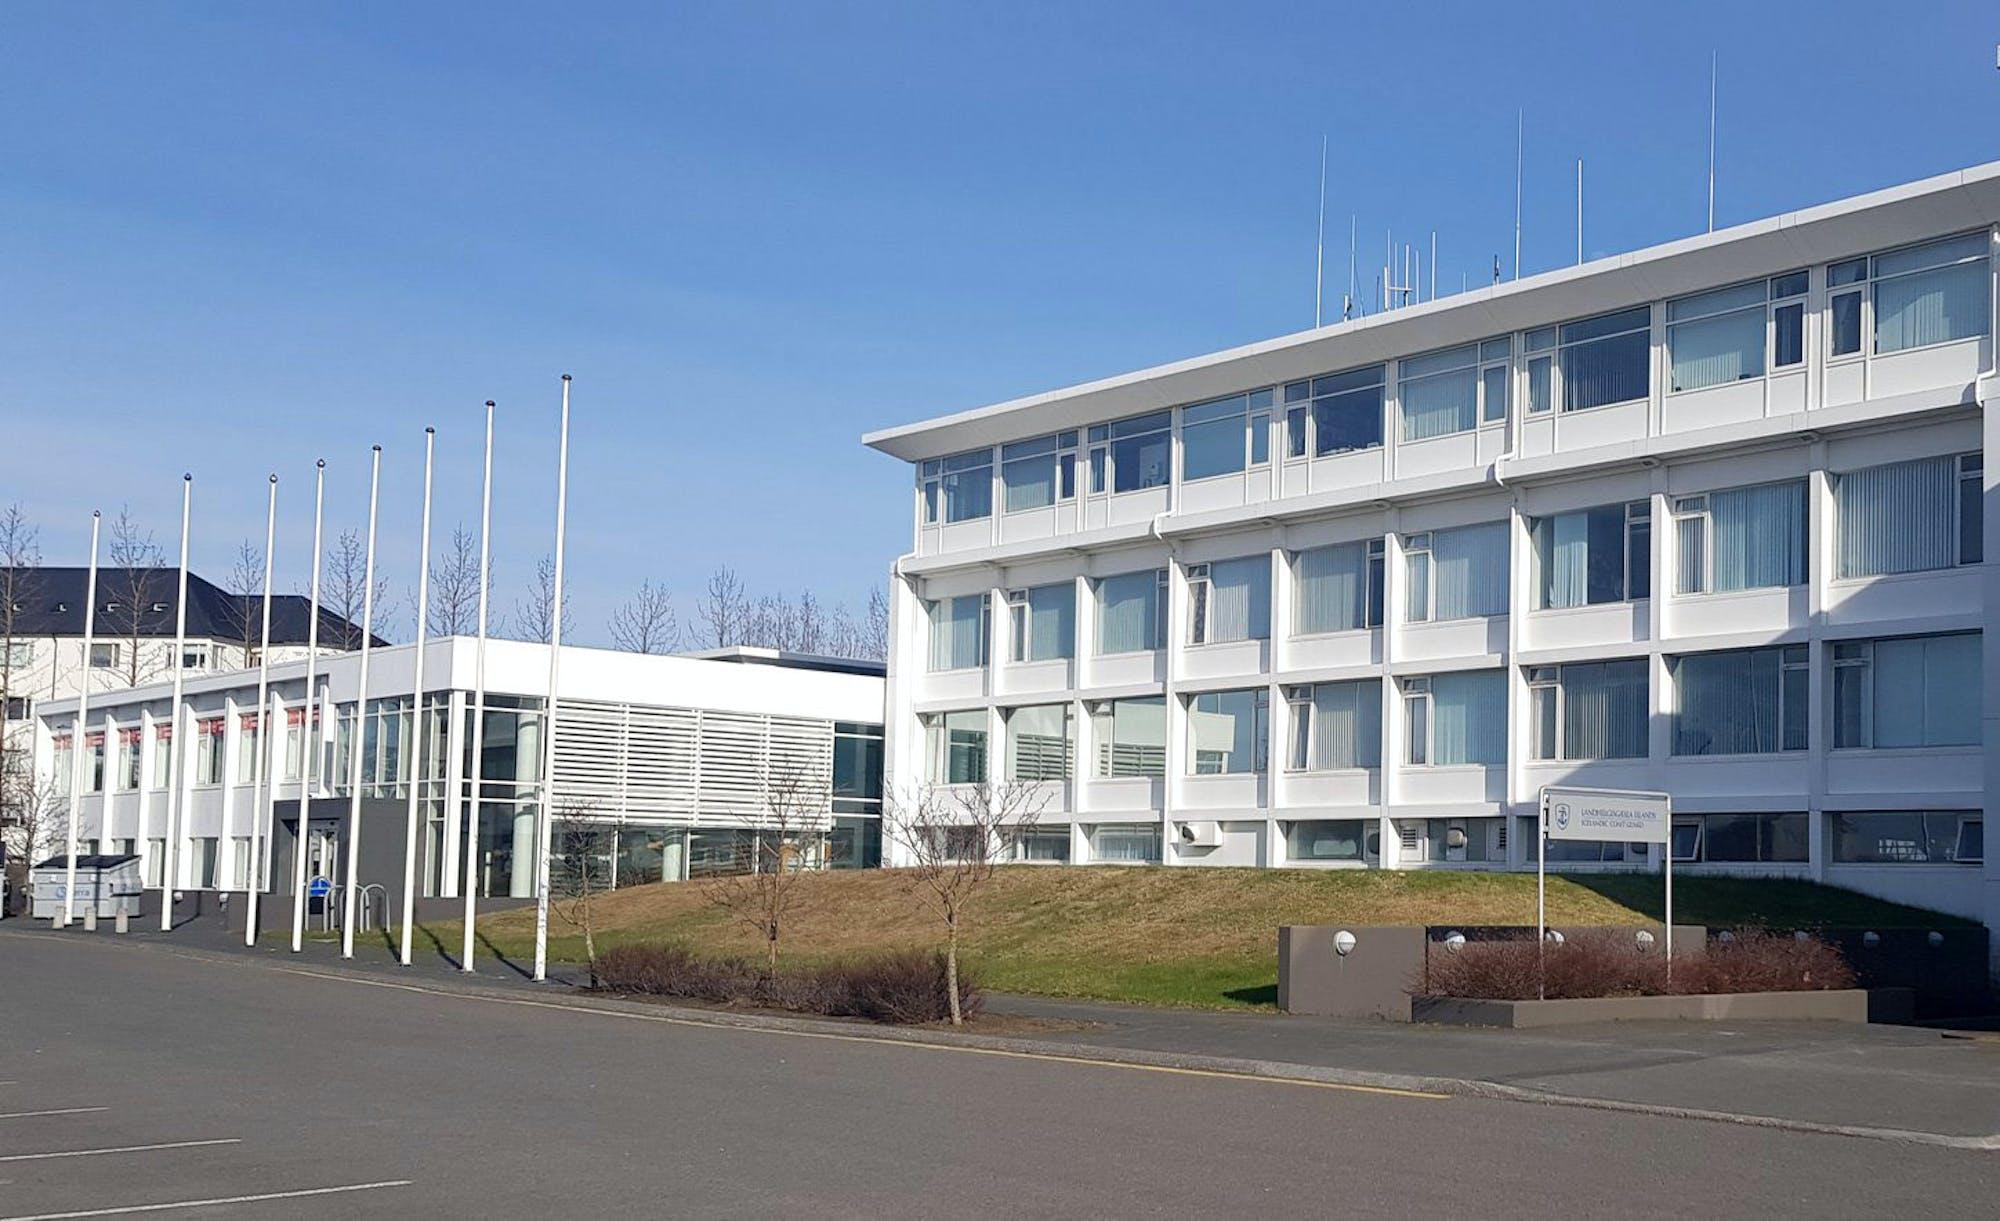 Húsnæði Neyðarlínunnar í Skógarhlíð